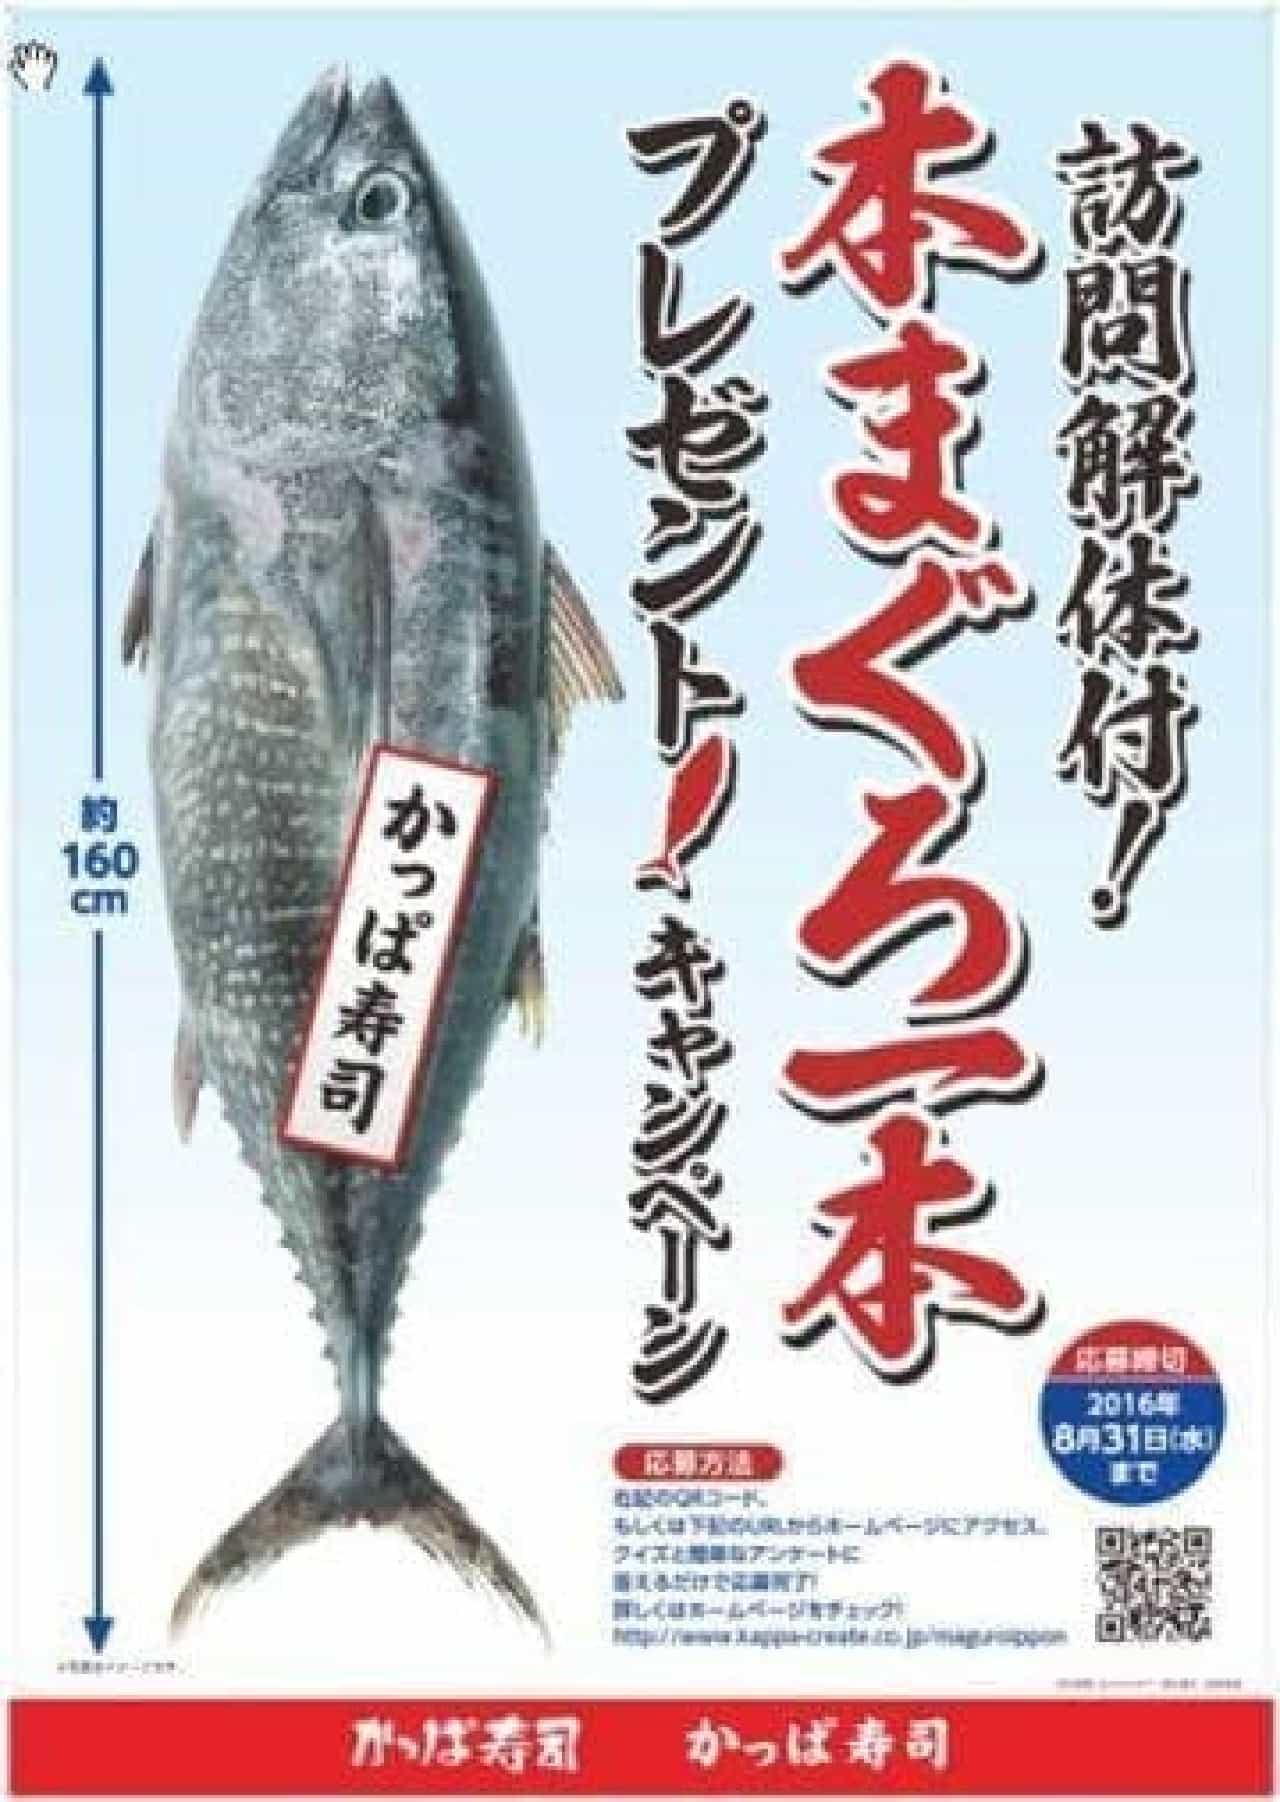 かっぱ寿司「本まぐろ一本プレゼントキャンペーン」